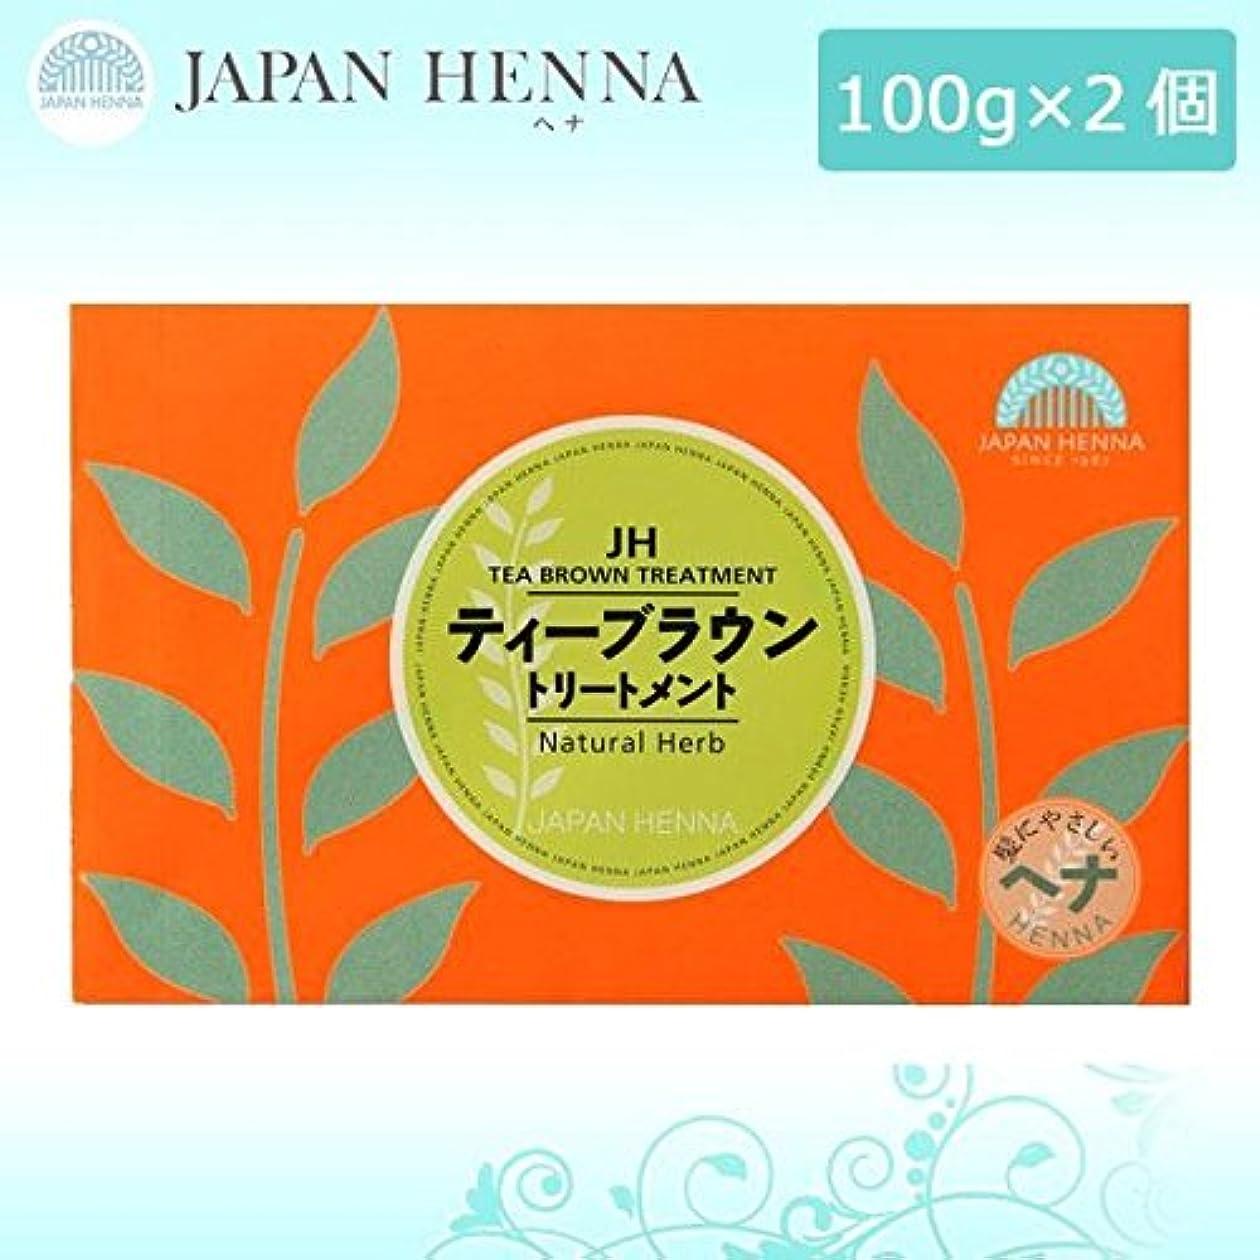 ファウル忌避剤便利さジャパンヘナ ヘナカラートリートメント ティーブラウン B-8 100g×2個セット